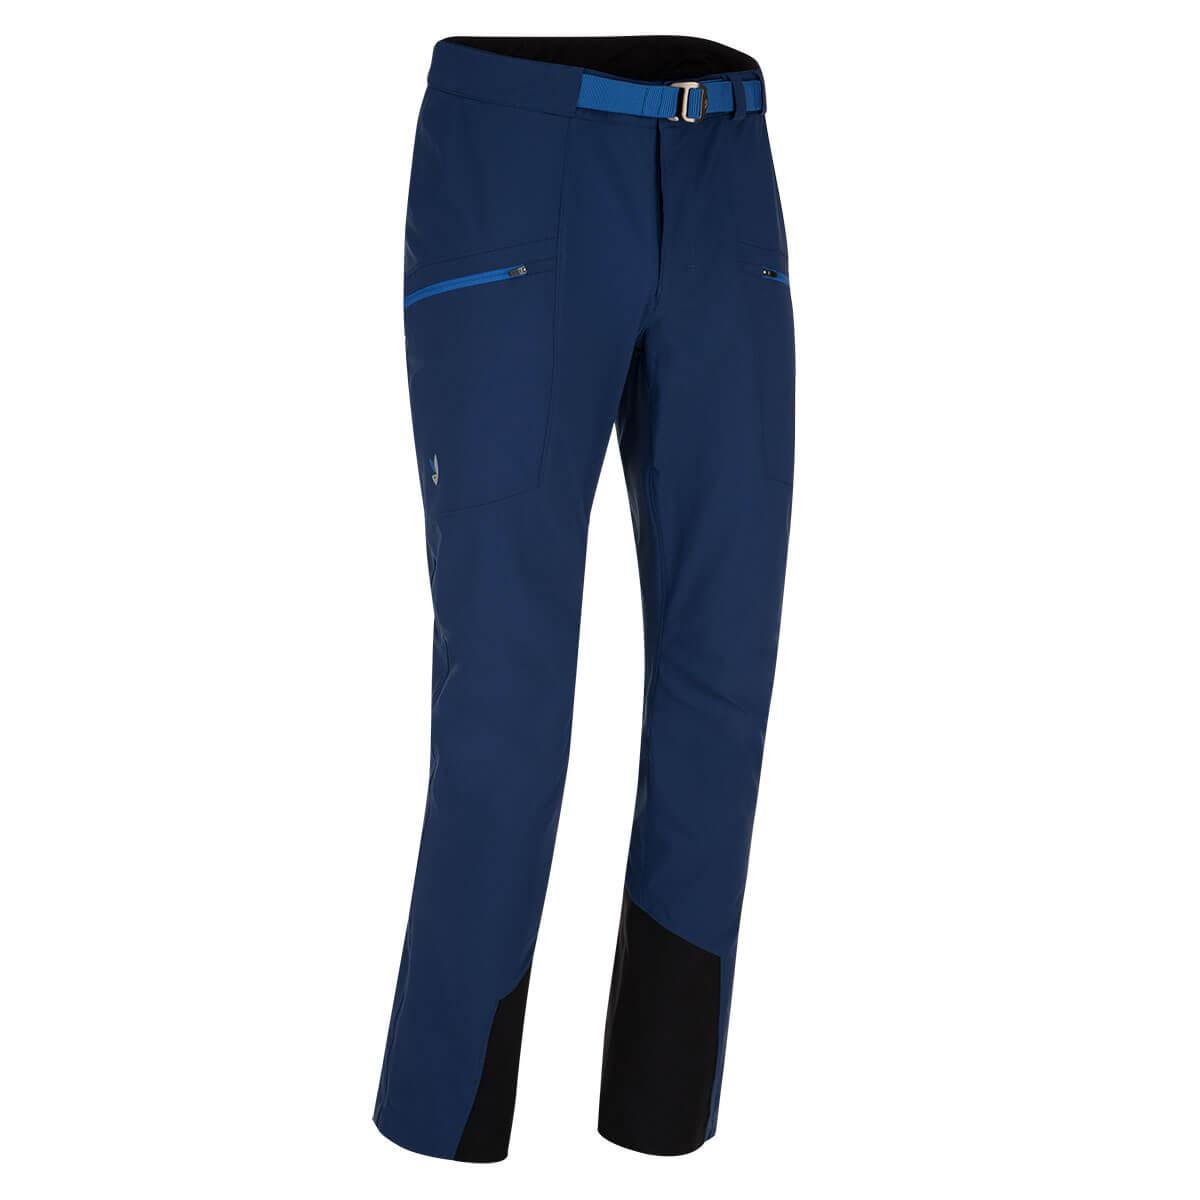 Nohavice Zajo Air LT Neo Pants Estate Blue - veľkosť S